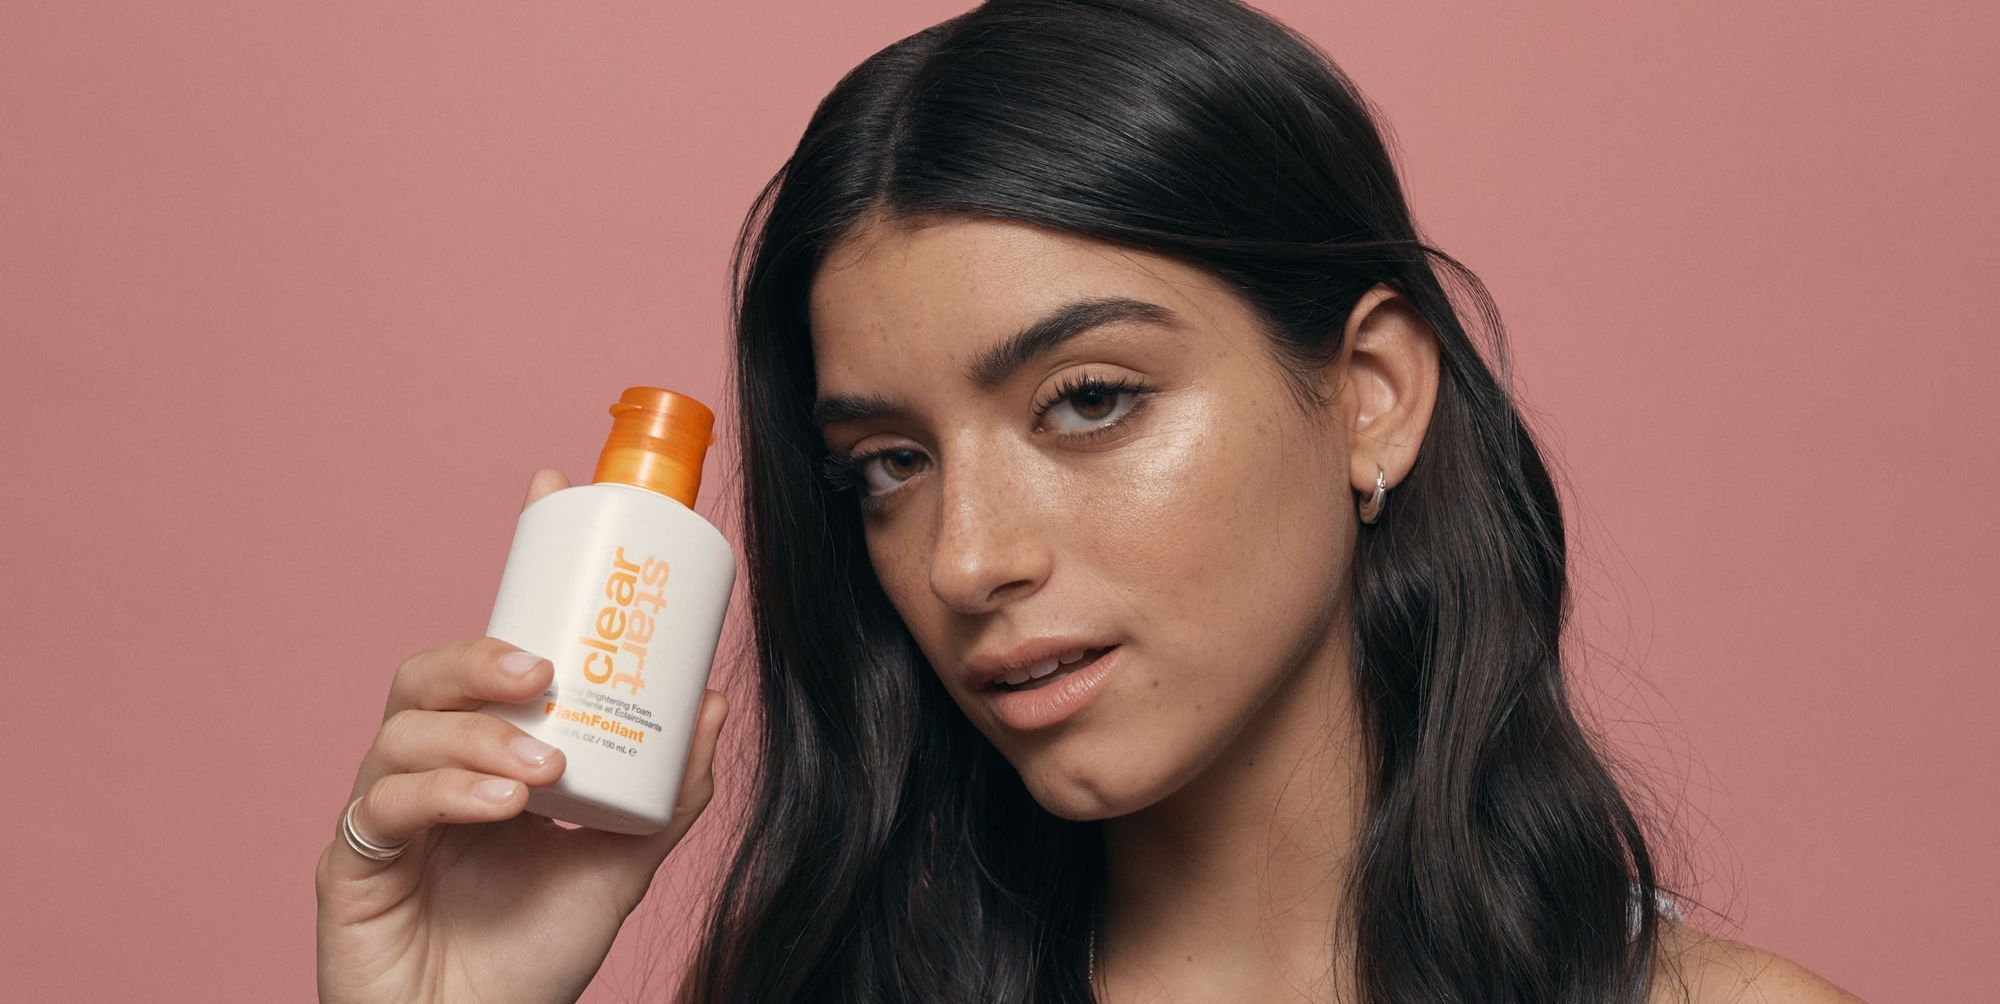 S.O.S. acne, brufoli e punti neri? Ecco come fare pace con le imperfezioni della tua pelle